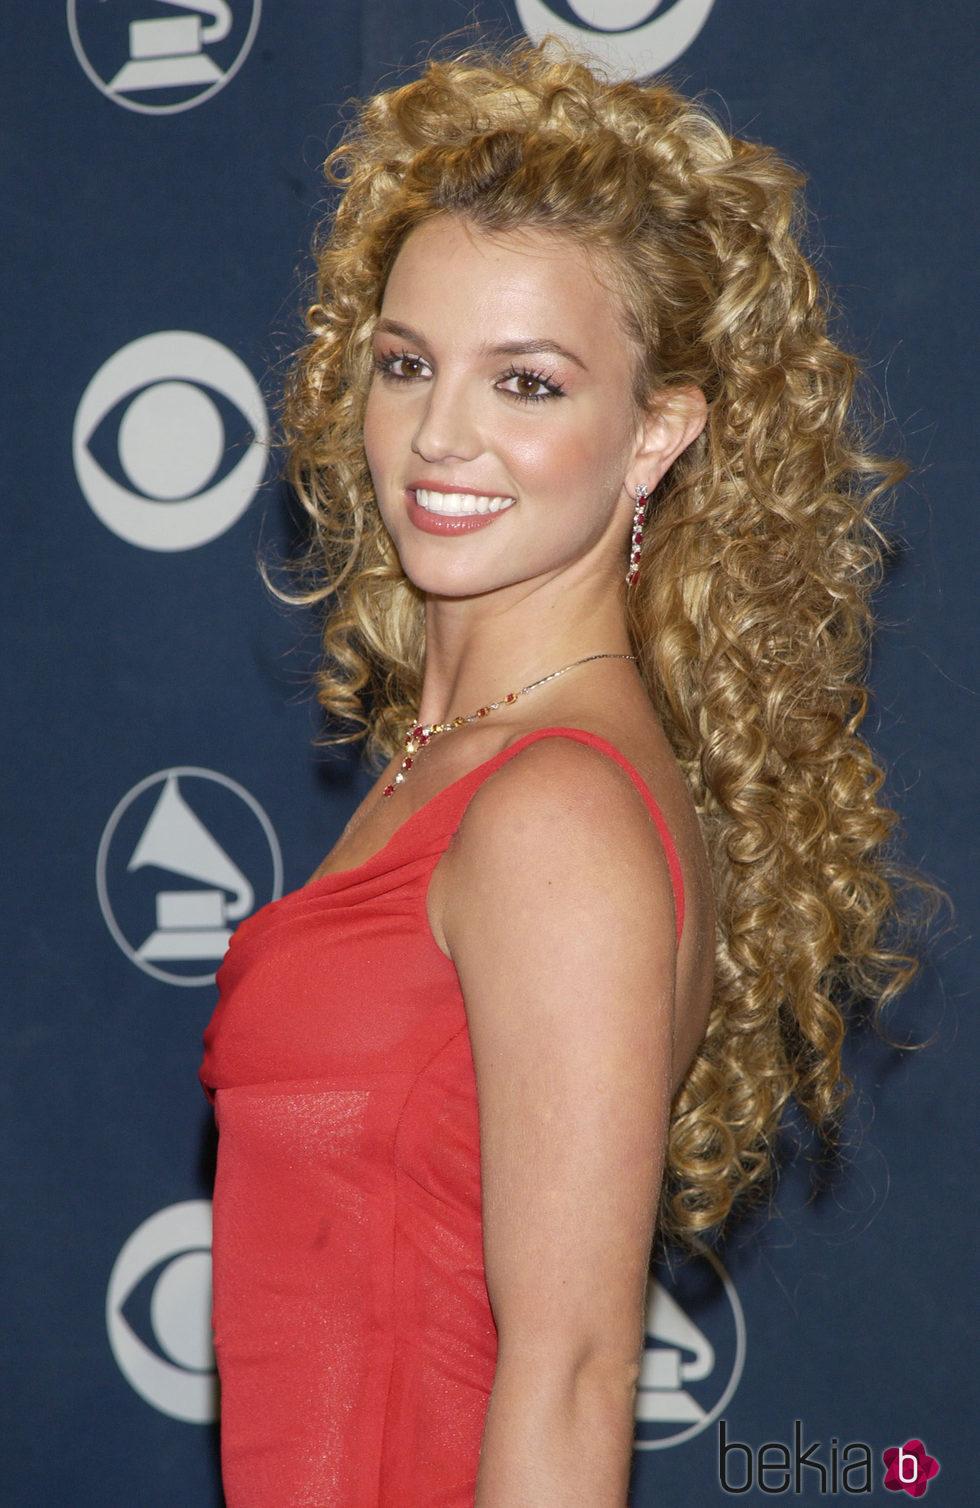 Britney Spears con melena rizada XL y fleco ladeado